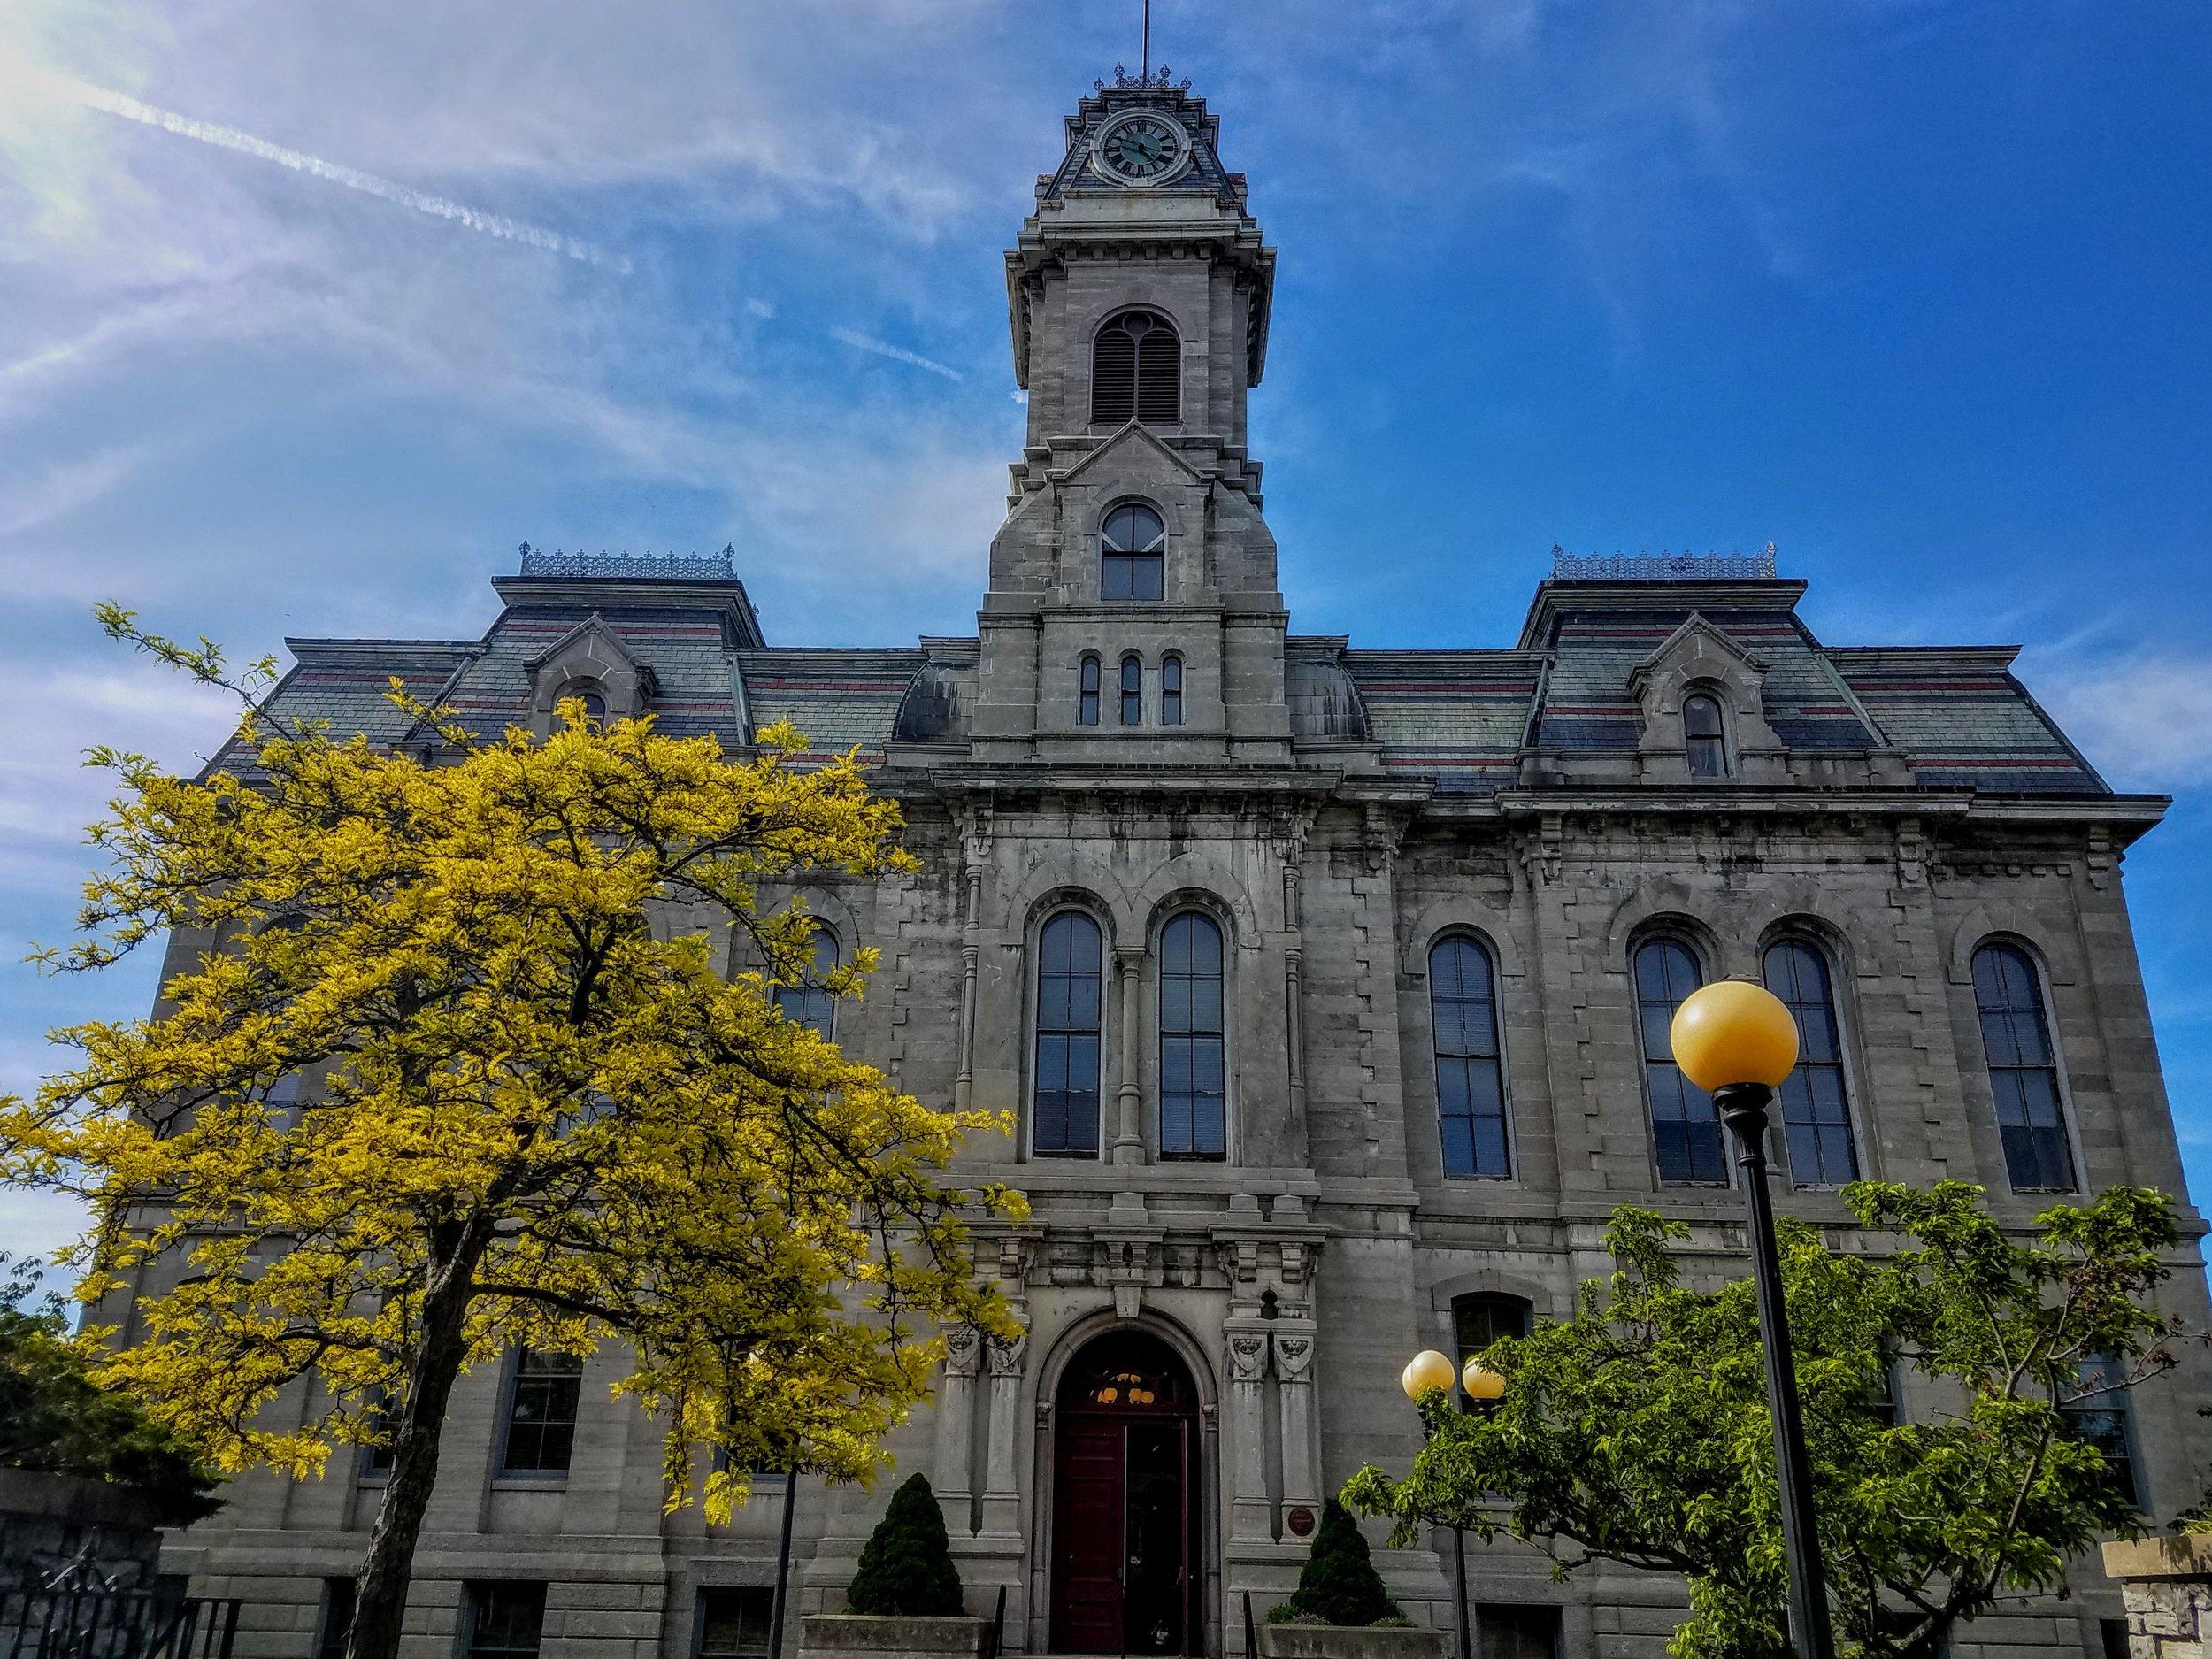 Oswego City Hall built in 1870